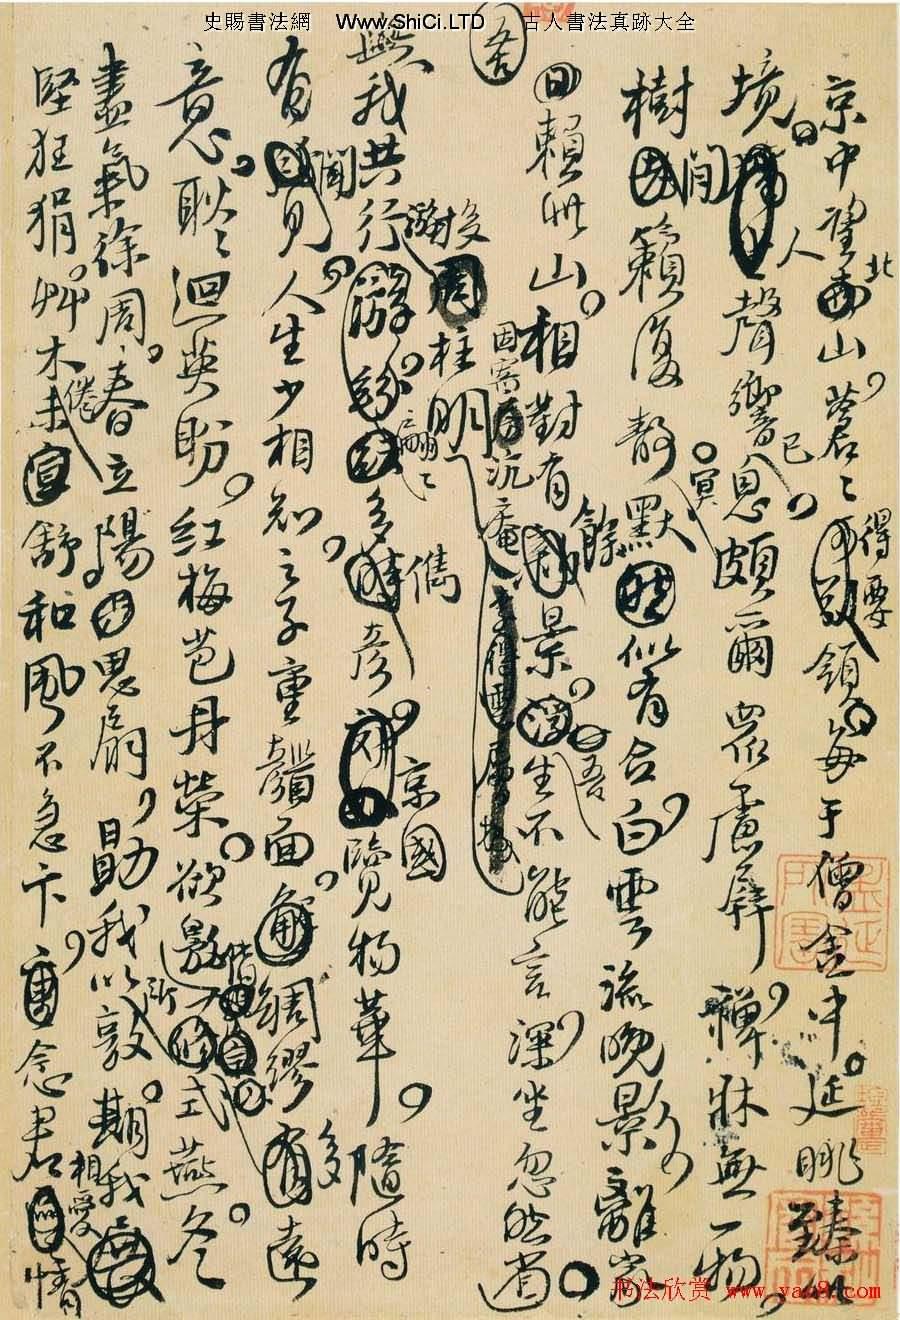 王鐸行草書法字帖《詩稿墨跡十二頁》(共16張圖片)